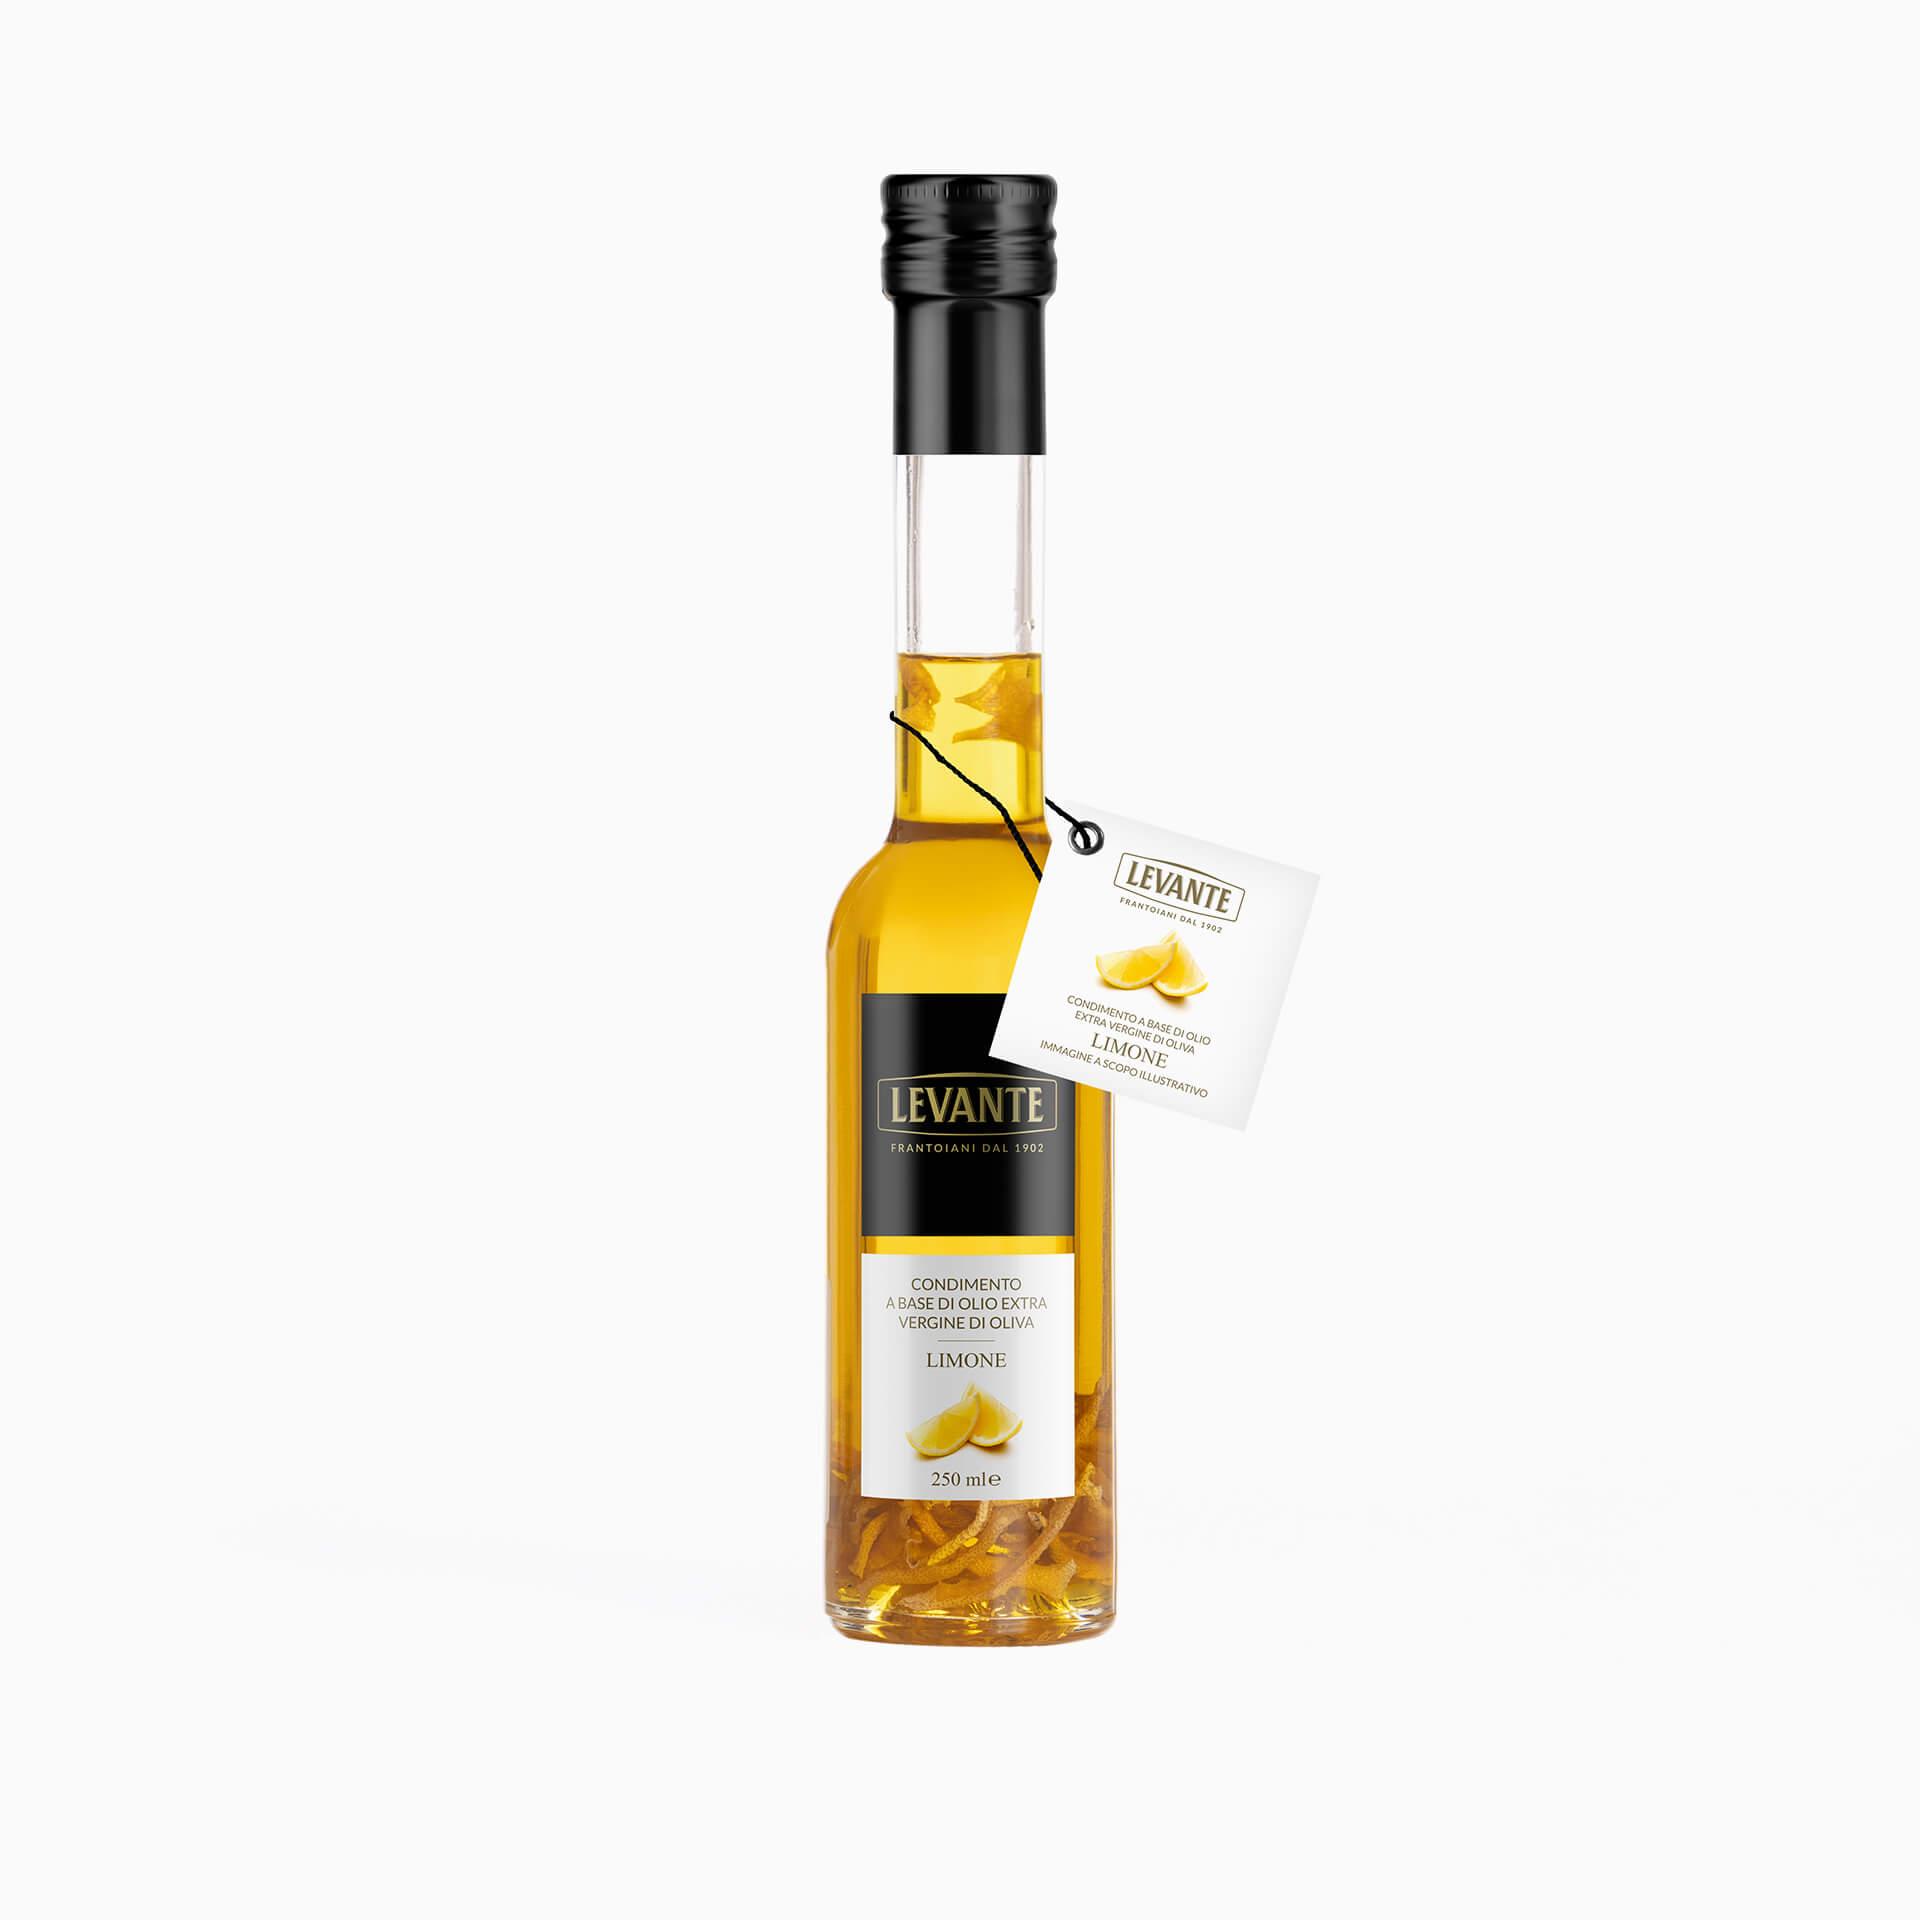 Condimento a base di Olio Extra Vergine d'Oliva al gusto di Limone